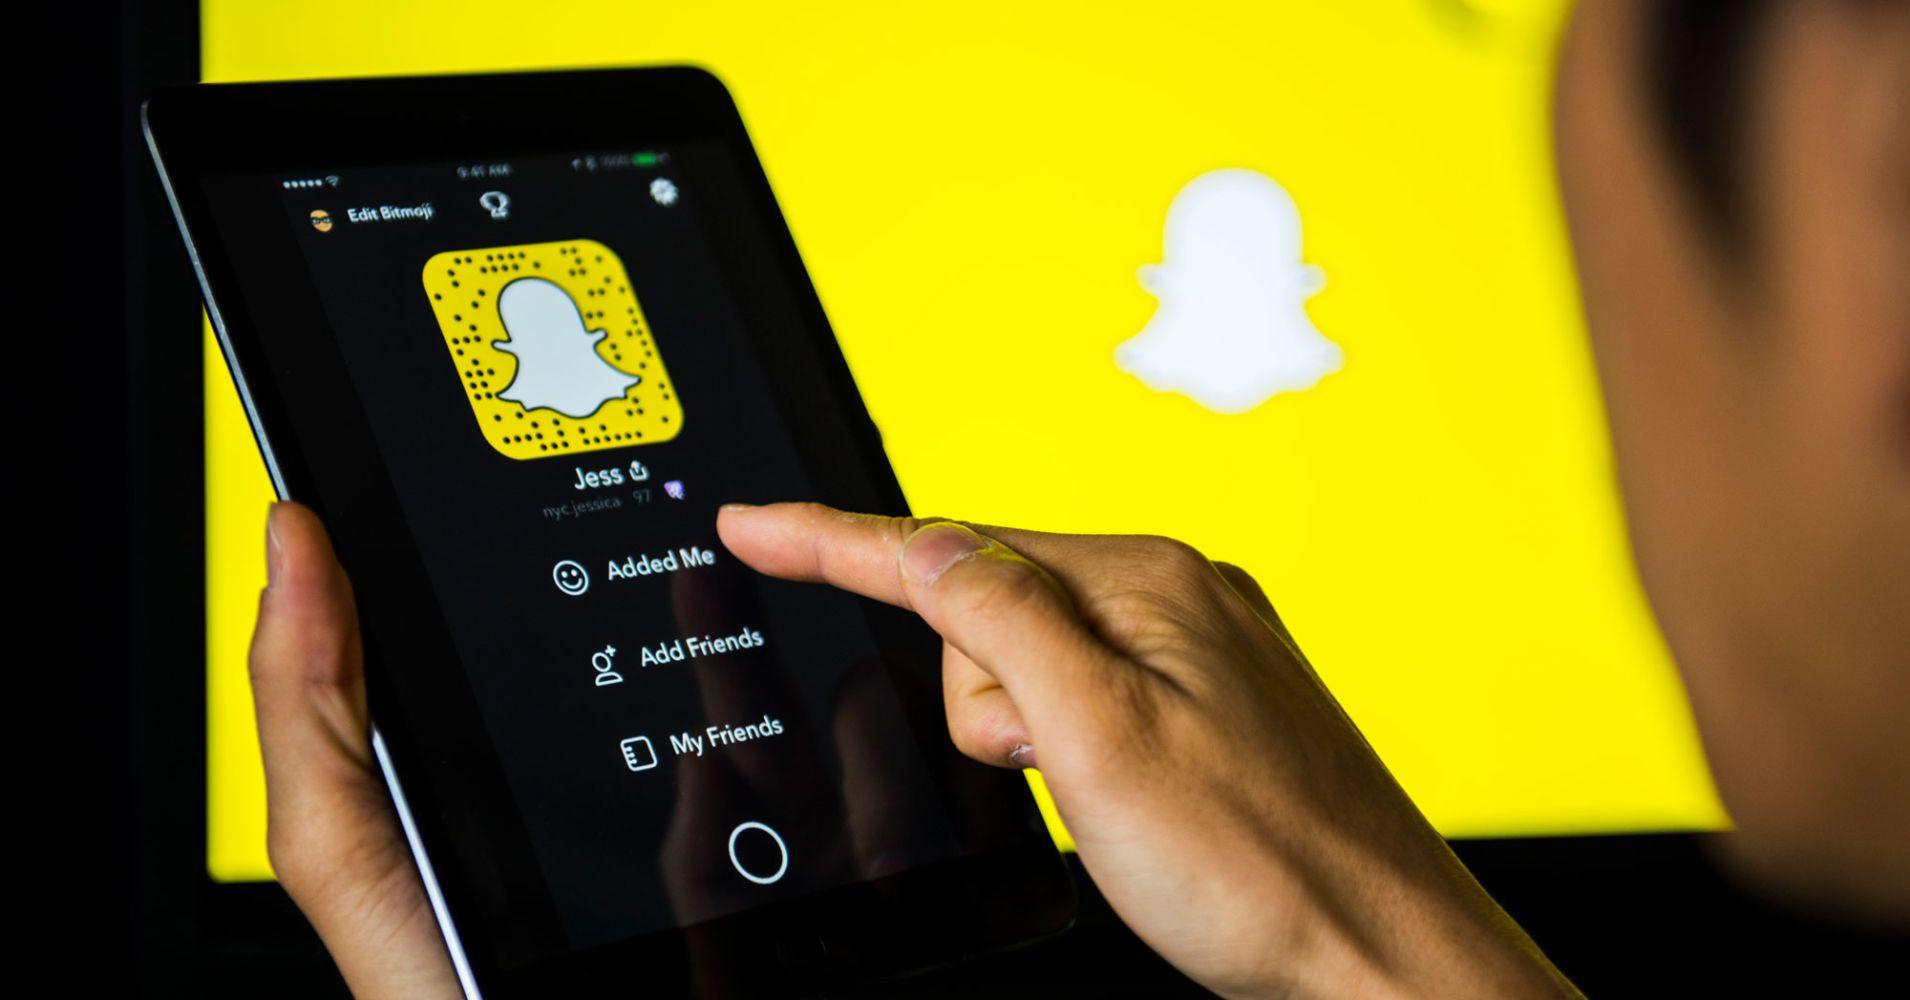 Snapchat a promocja marki. Czy wykorzystanie snapchata ma potencjał marketingowy?